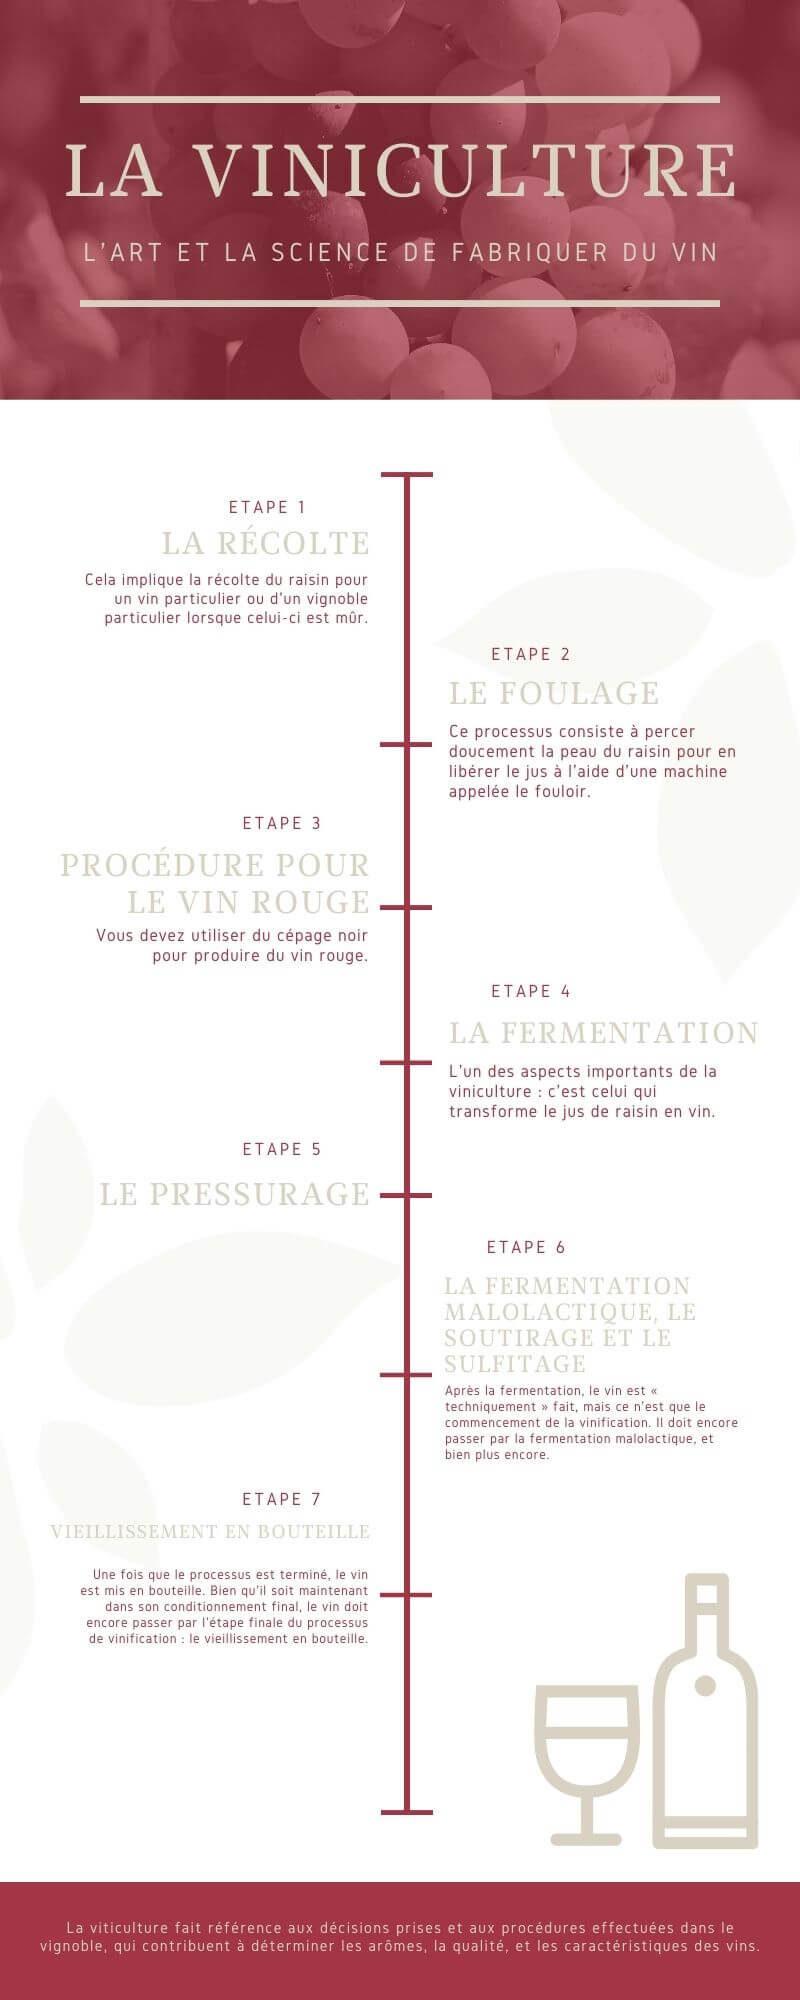 infographie viniculture bordeaux